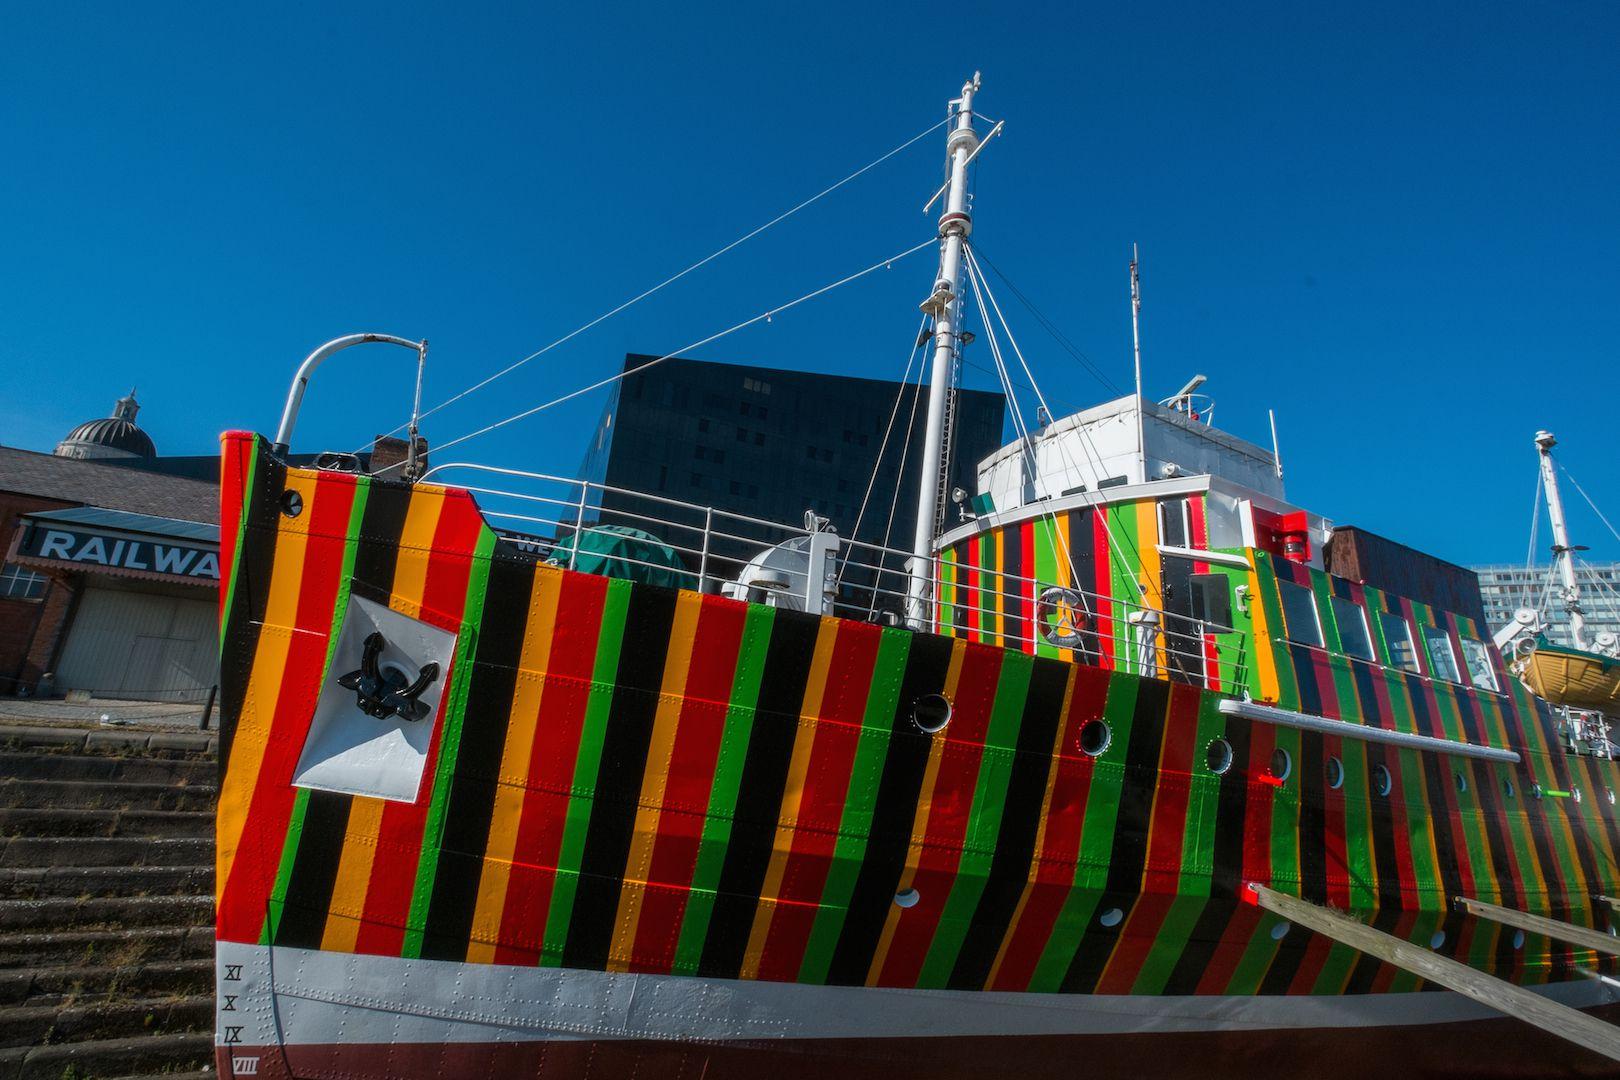 Carlos Cruz-Diez, Induction Chromatique à Double Fréquence pour l'Edmund Gardner Ship / Liverpool. Paris, 2014. Photograph by Mark McNulty.